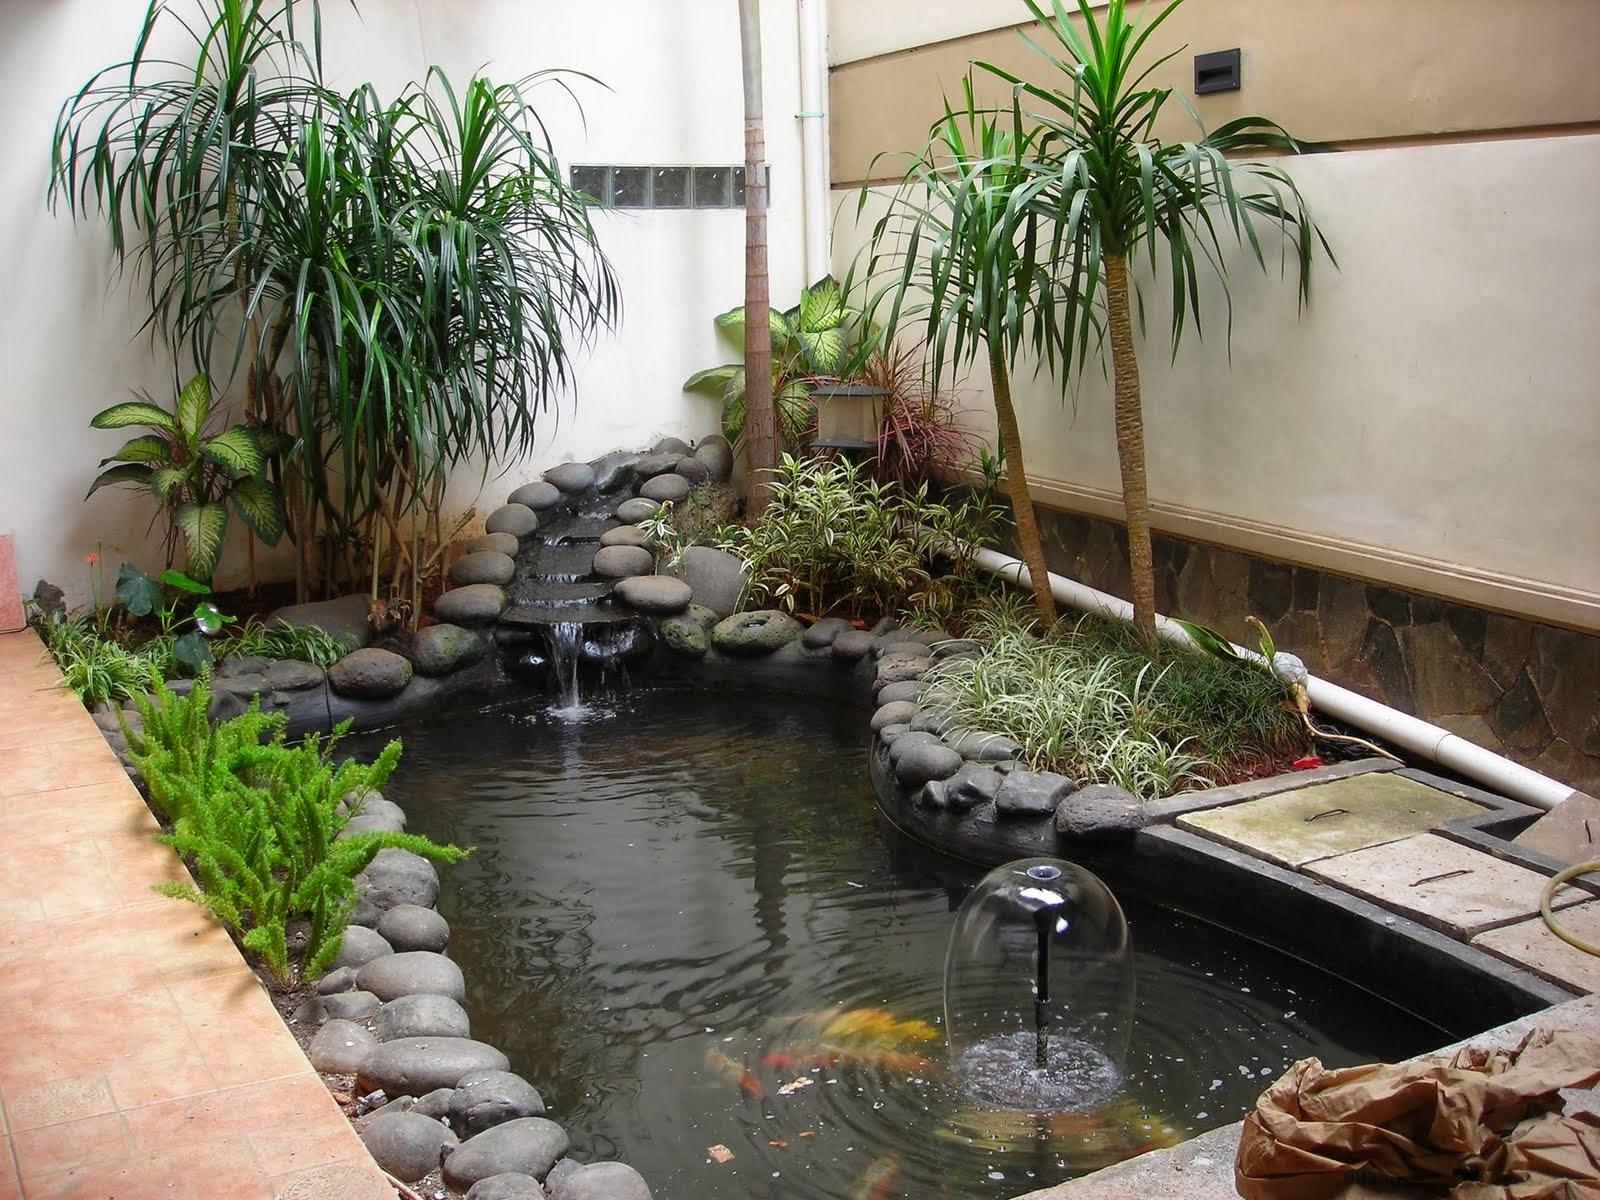 Desain Rumah Minimalis: Desain Taman Mungil Dalam Rumah